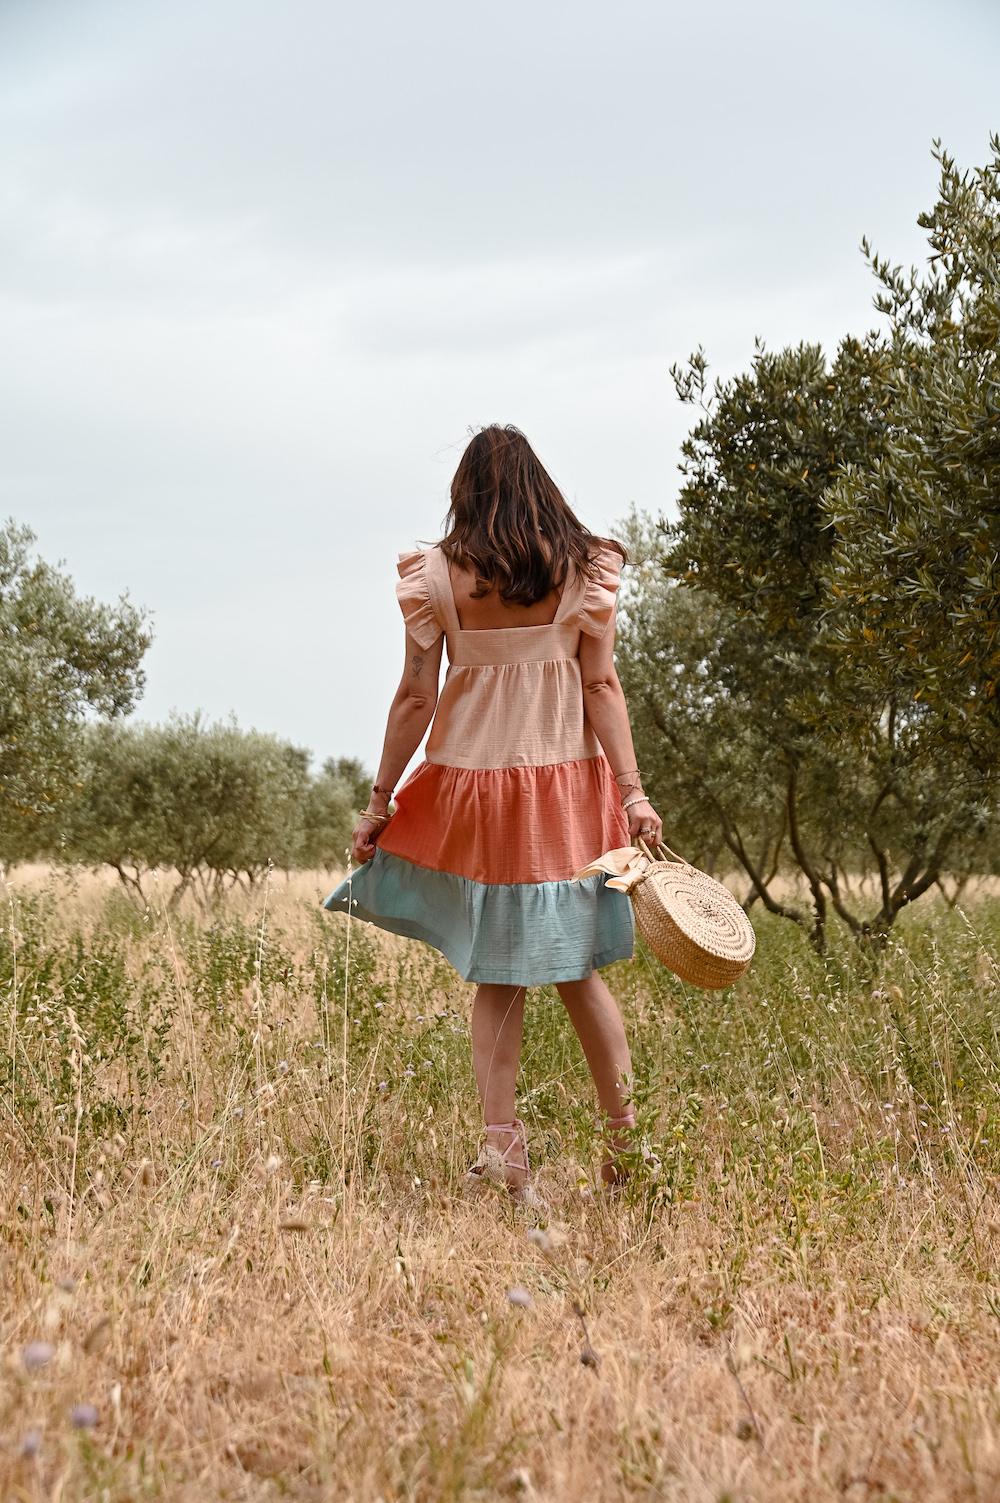 coudre une robe arc-en-ciel (sans patron)